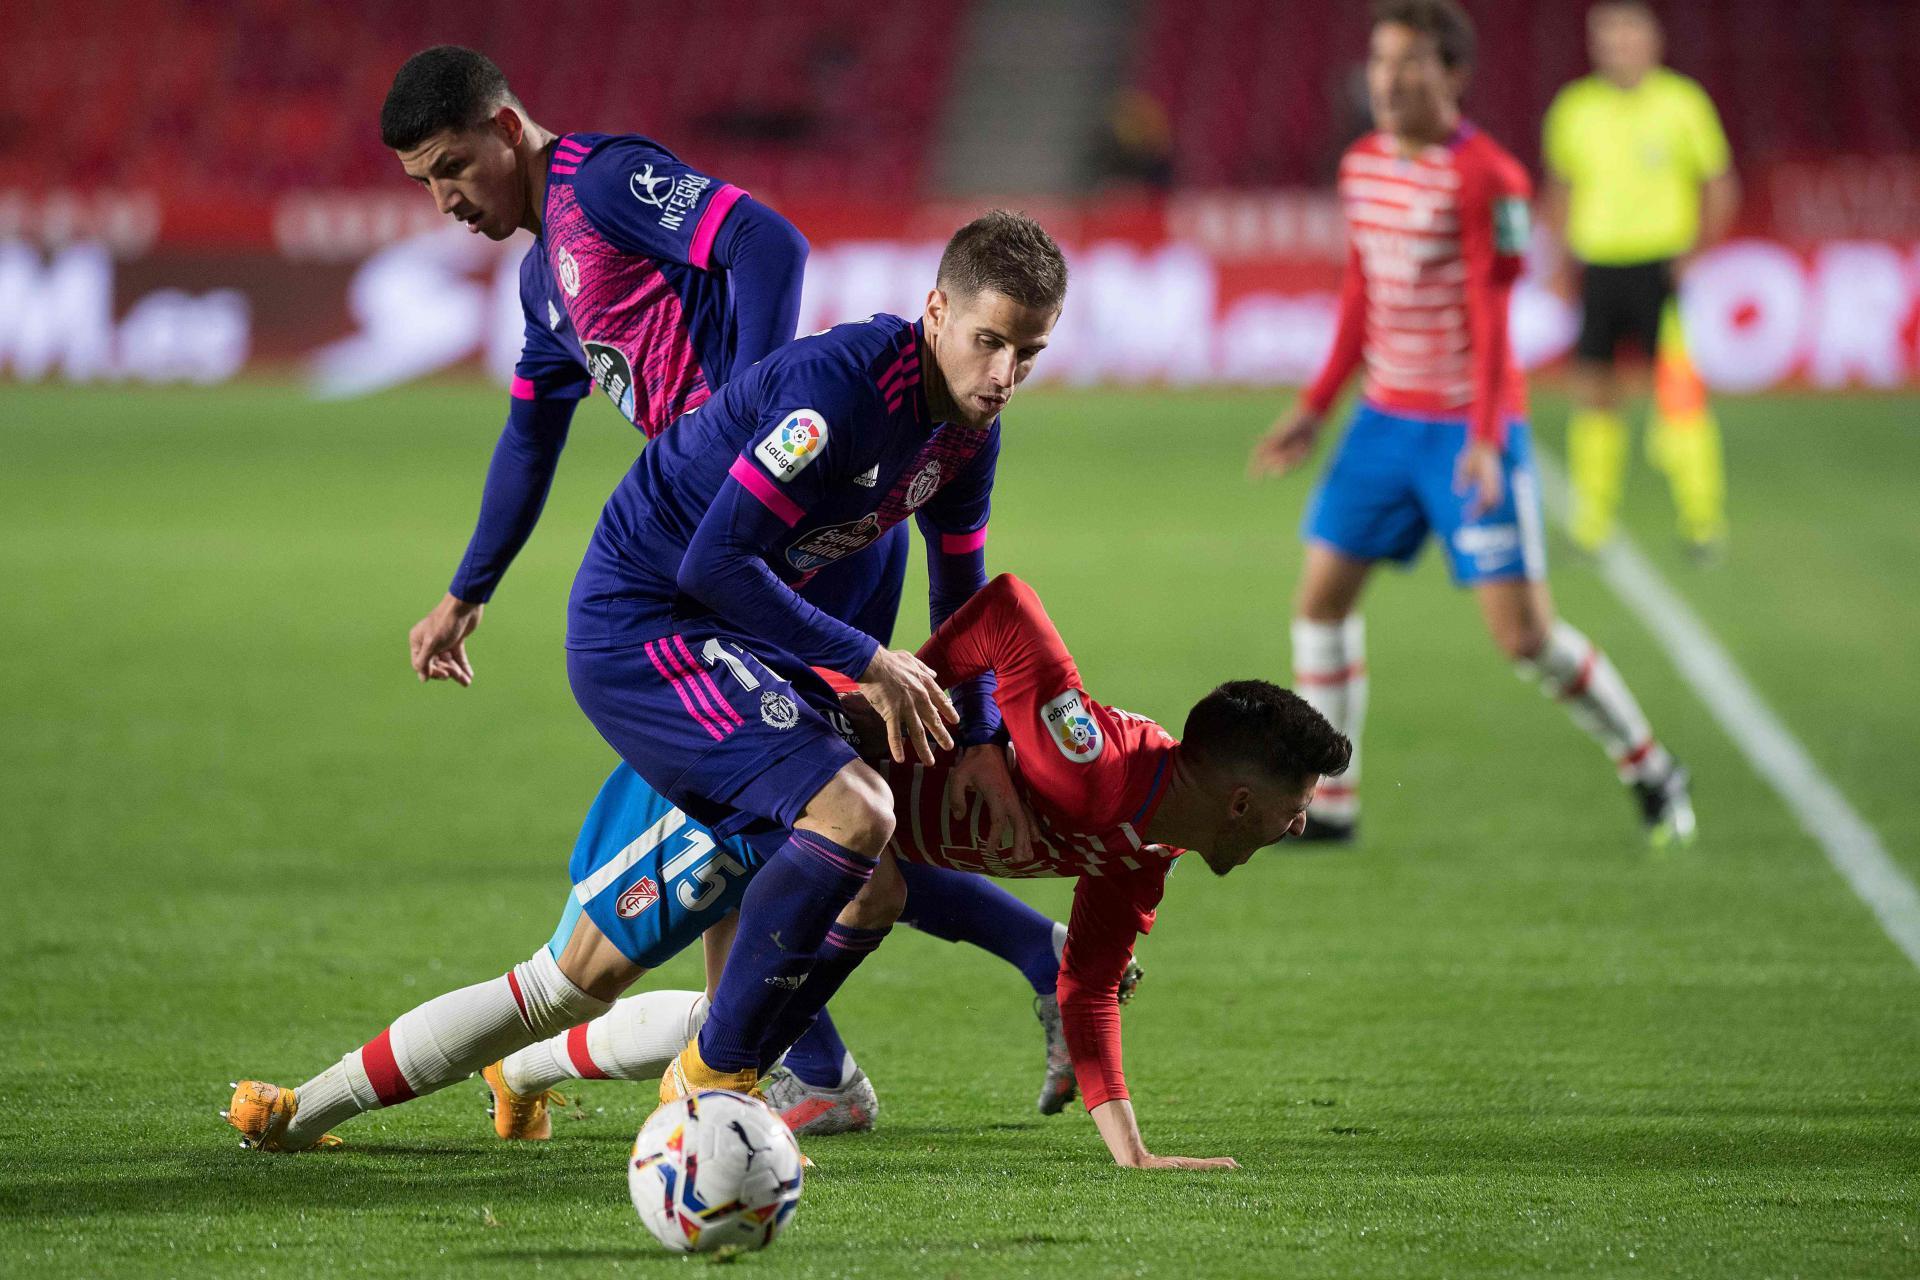 Primirje na začelju, a bod im je premalo: Valladolid i Levante odigrali neodlučeno u ne baš sadržajnom dvoboju